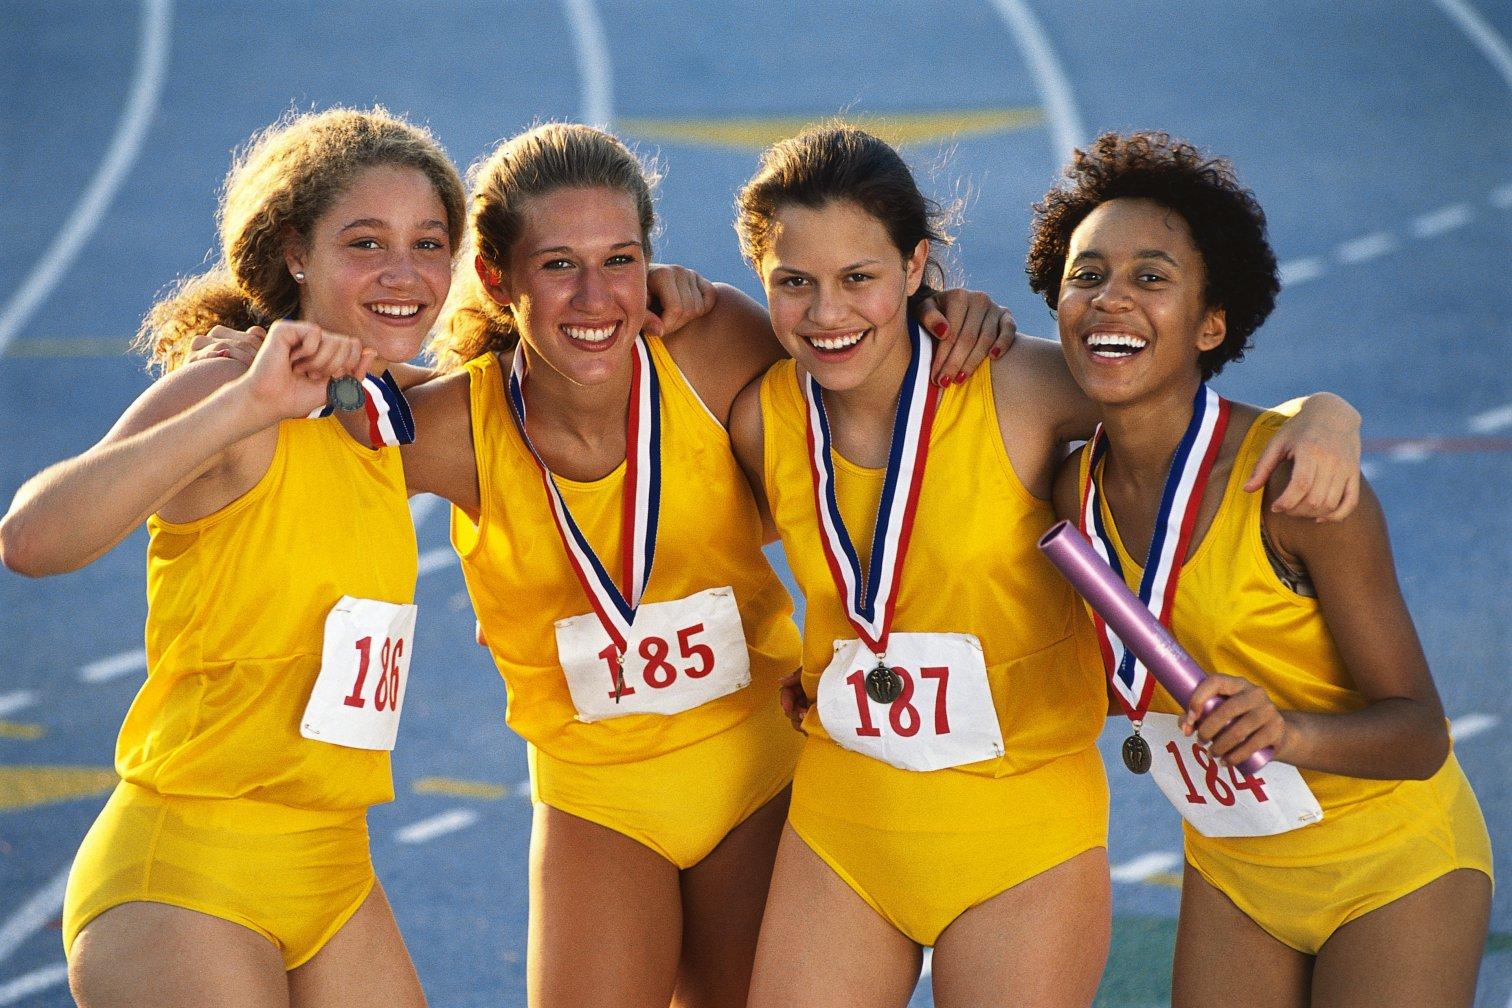 Laufsportlerinnen mit Medaille